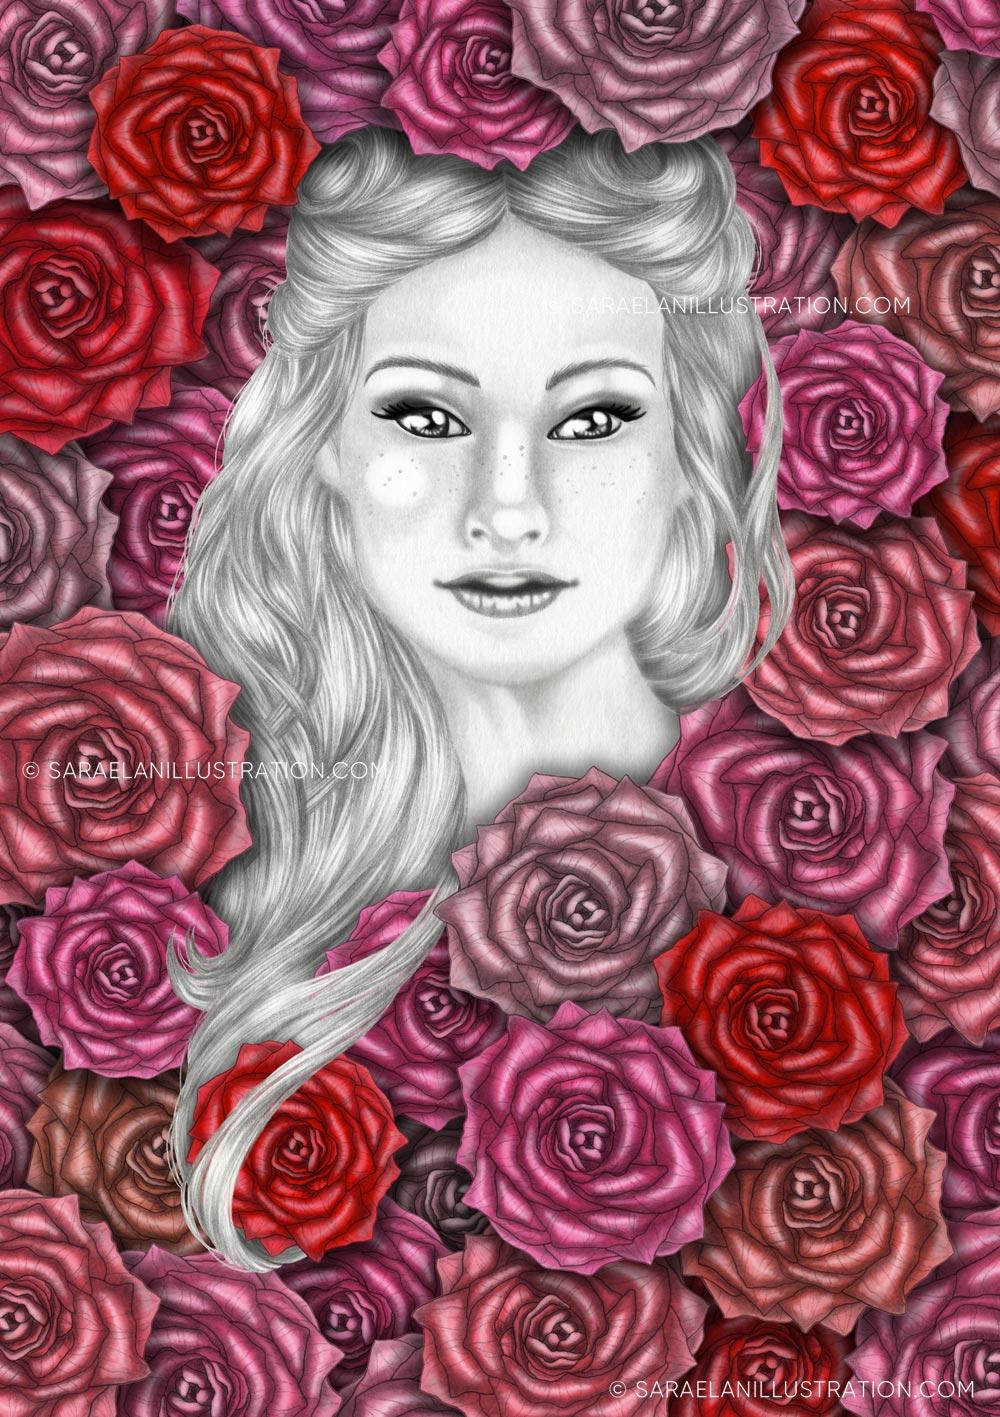 Se son rose fioriranno - Ragazza immersa nelle rose - disegni e illustrazioni di Sara Elan Donati - Saraelan illustration